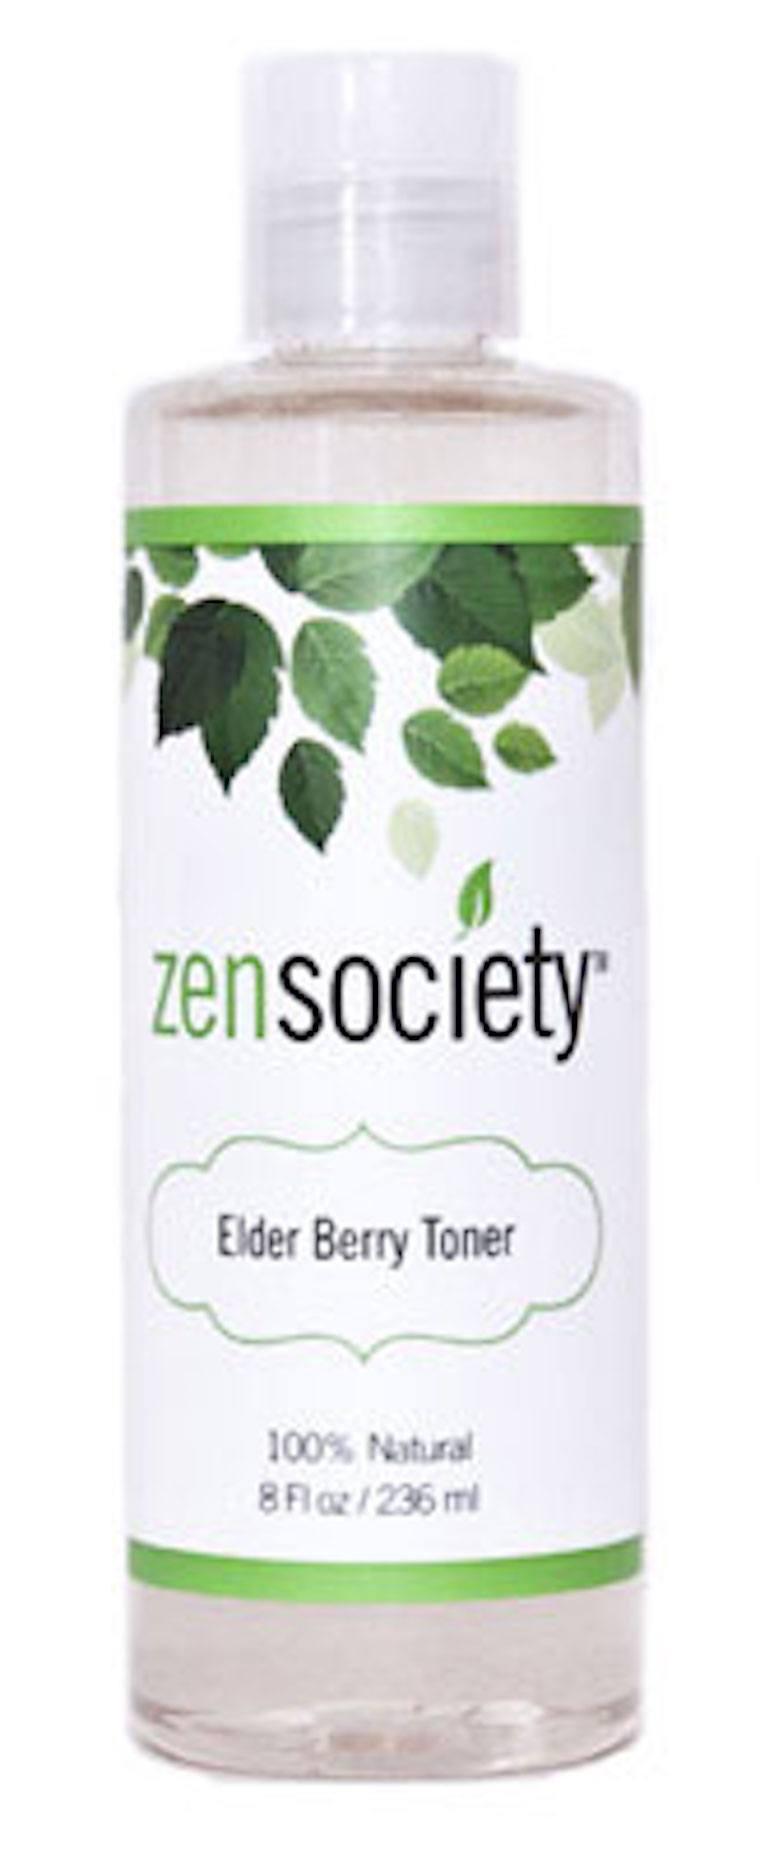 zen society toner